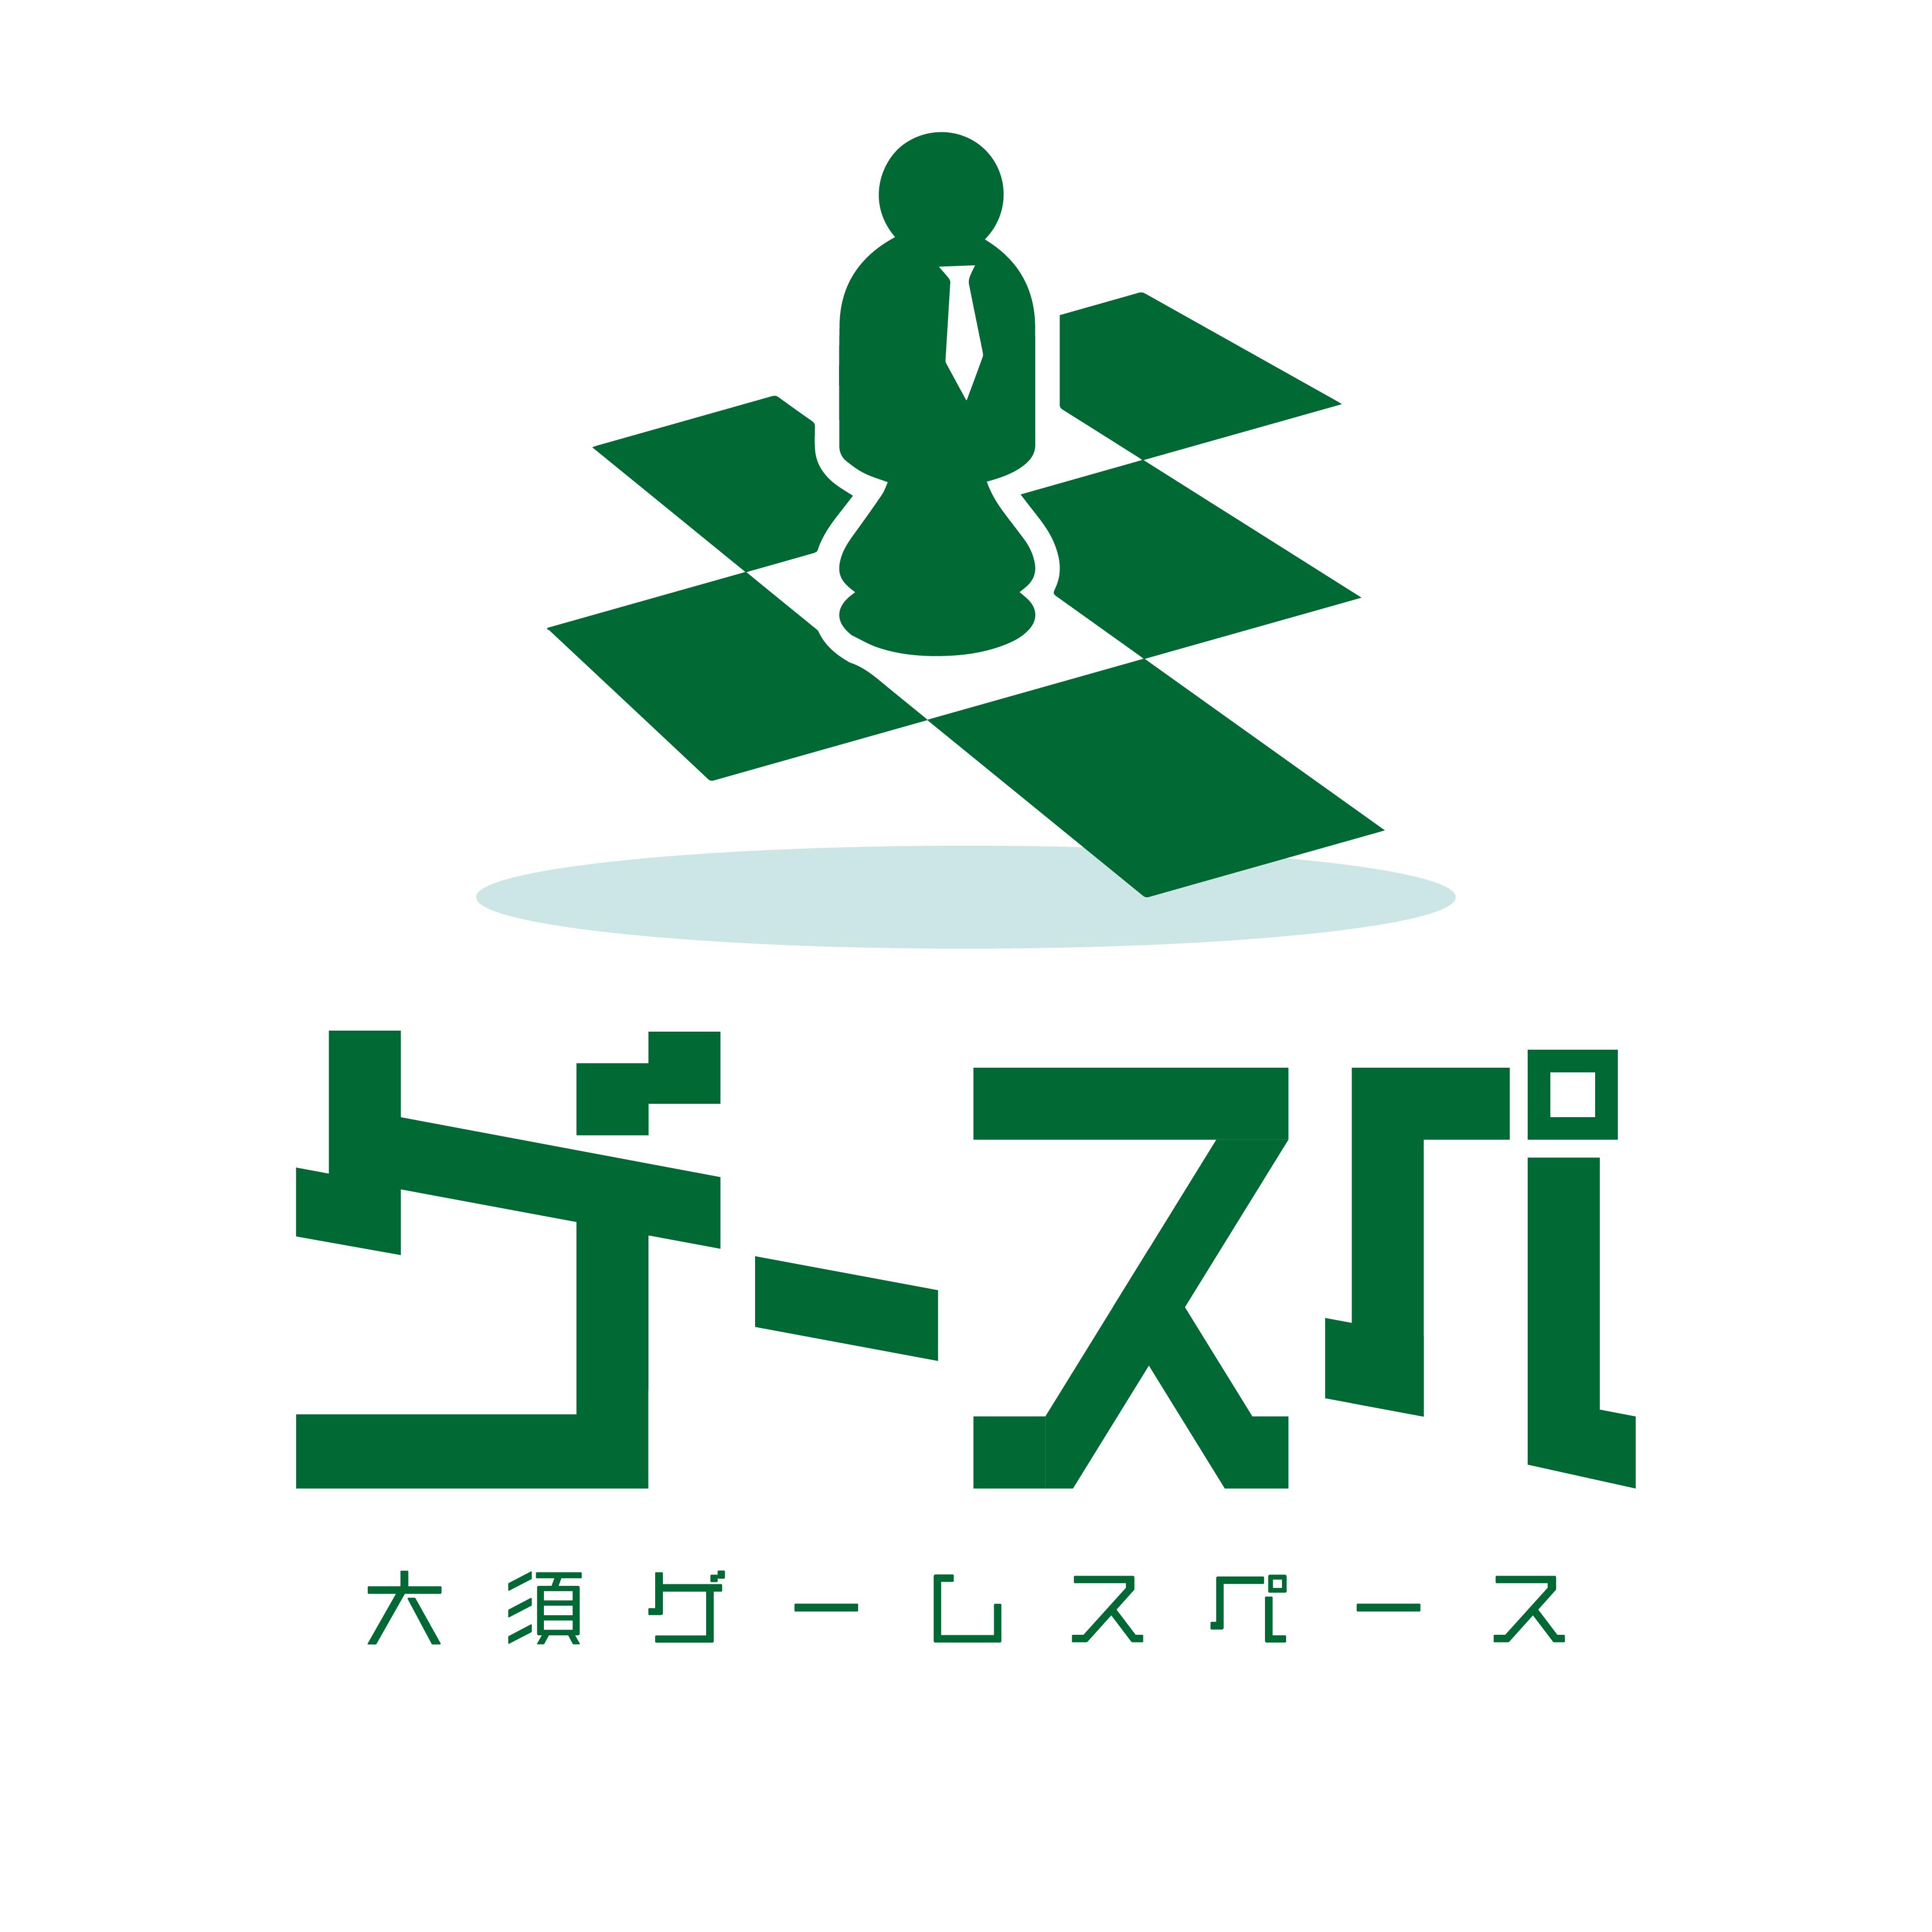 大須ゲームスペース(オオスゲームスペース)